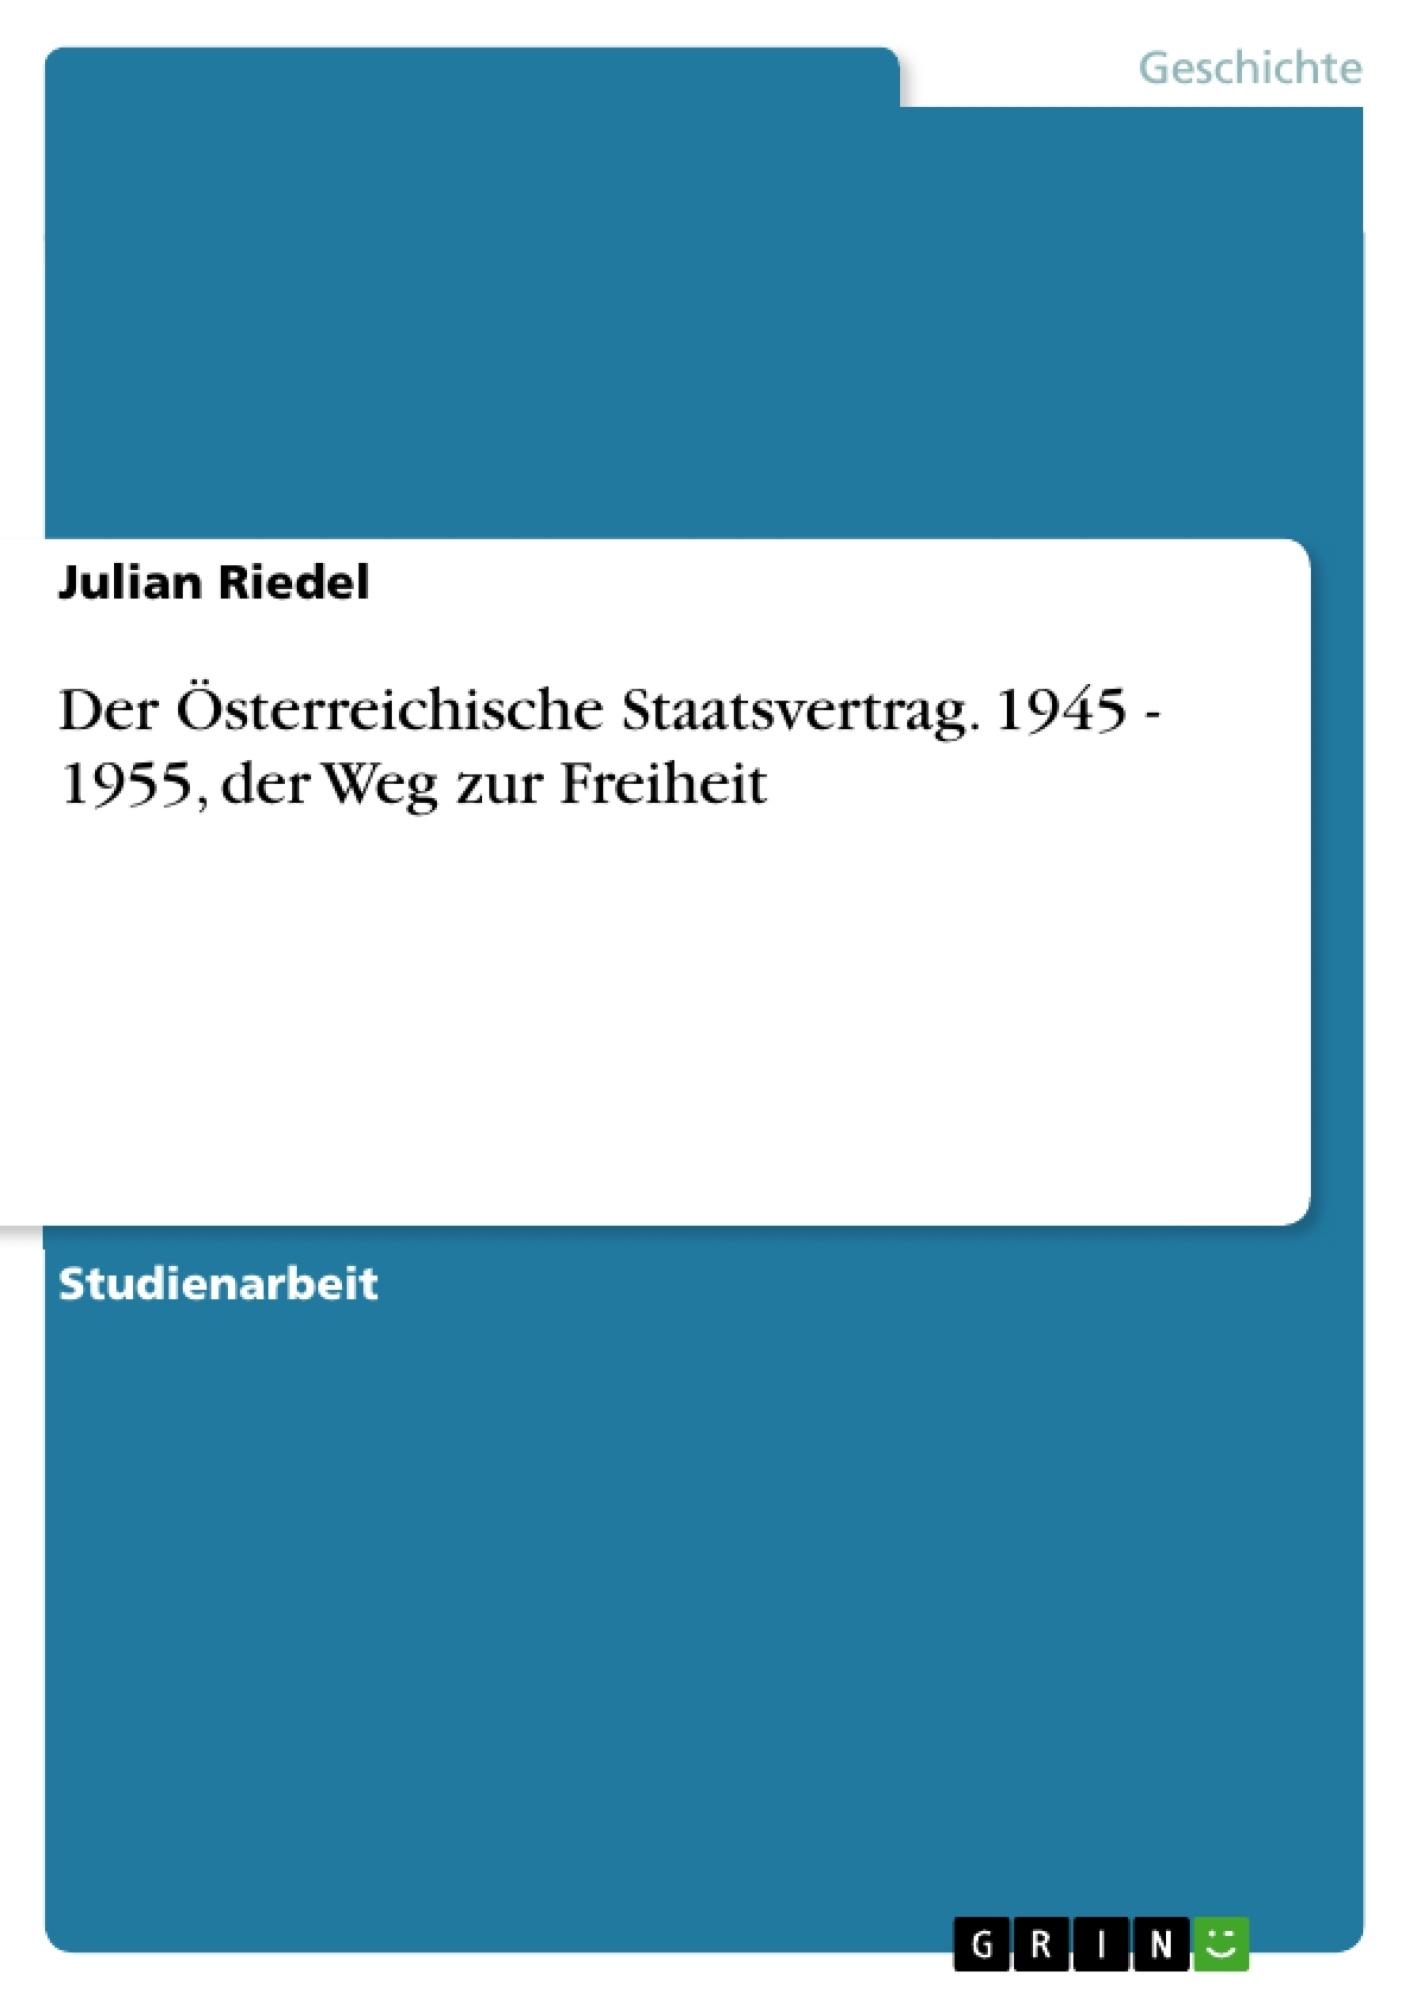 Titel: Der Österreichische Staatsvertrag. 1945 - 1955, der Weg zur Freiheit